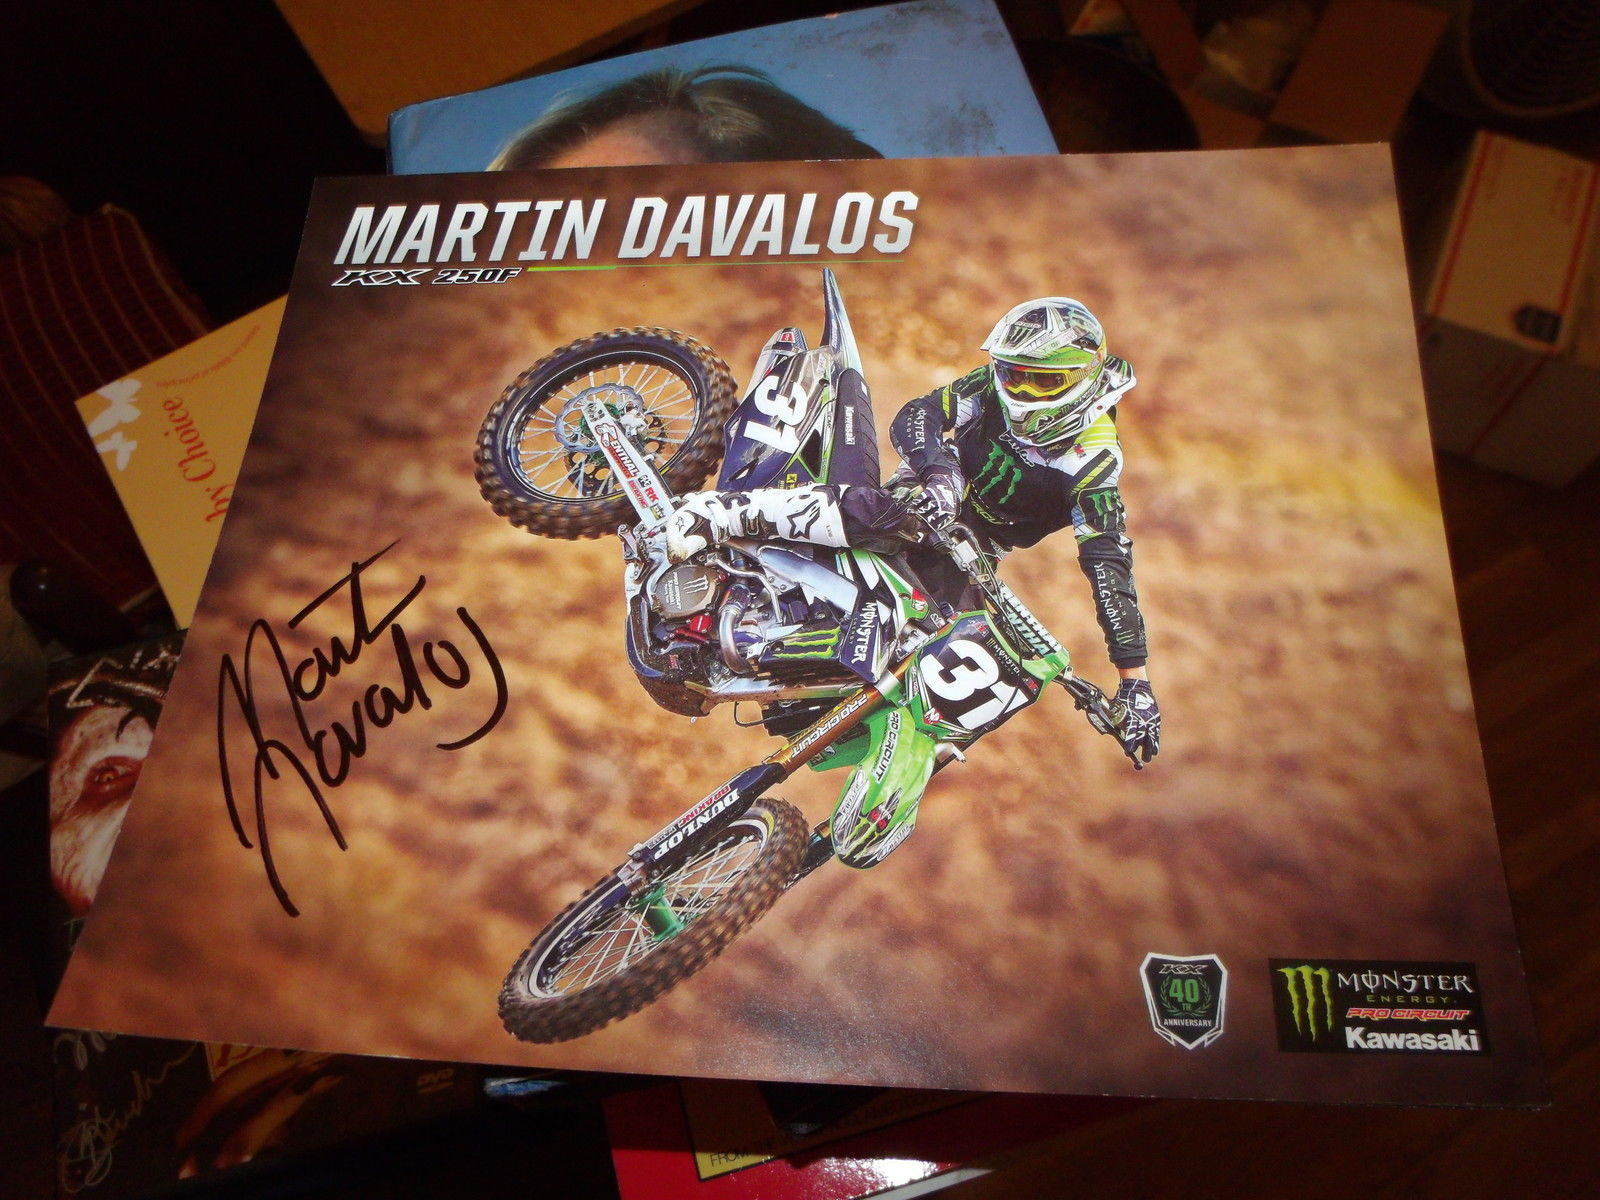 MARTIN DAVALOS HAND SIGNED 8X10 KAWASAKI PHOTO CARD